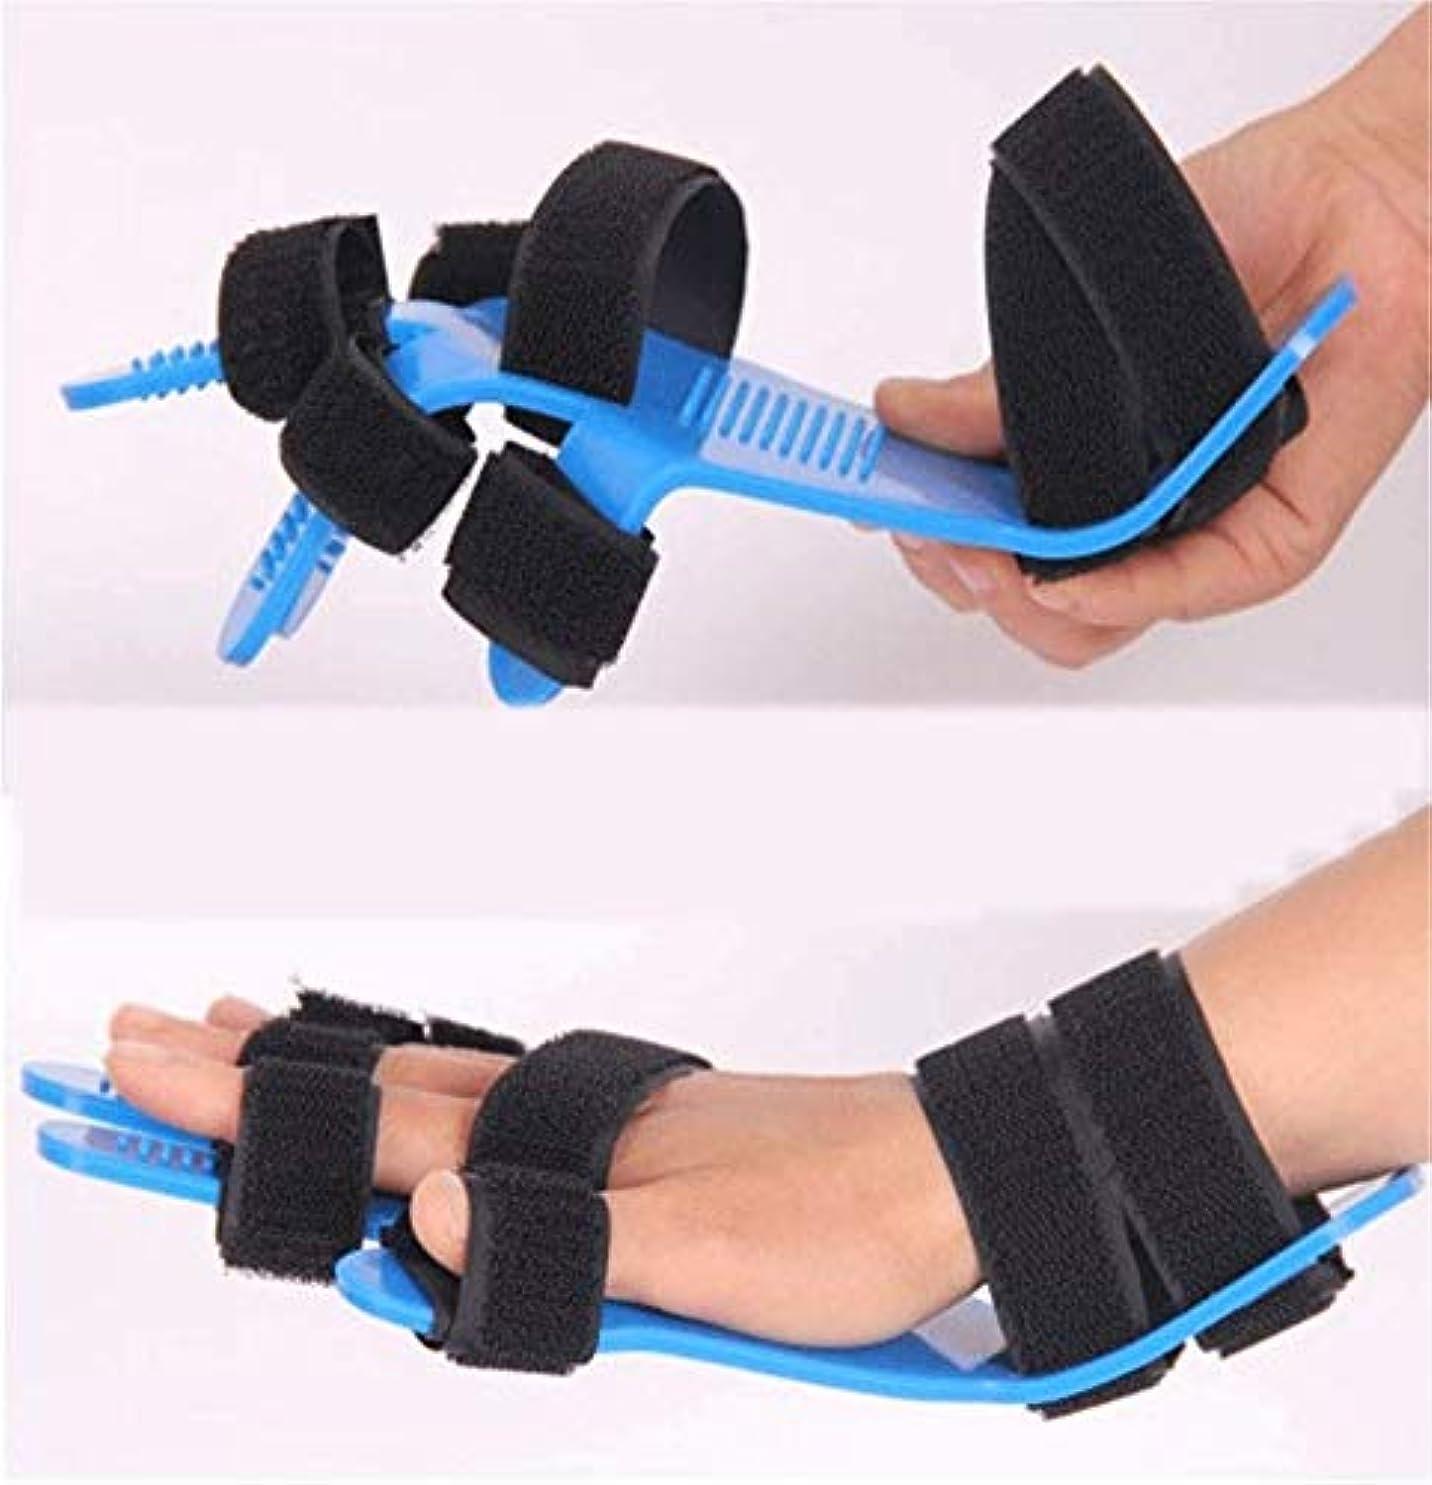 セパレータインソールフィンガー拡張スプリントばね指スプリント、指の骨折、傷、術後ケアと痛み-ReliefBoth左右の手指